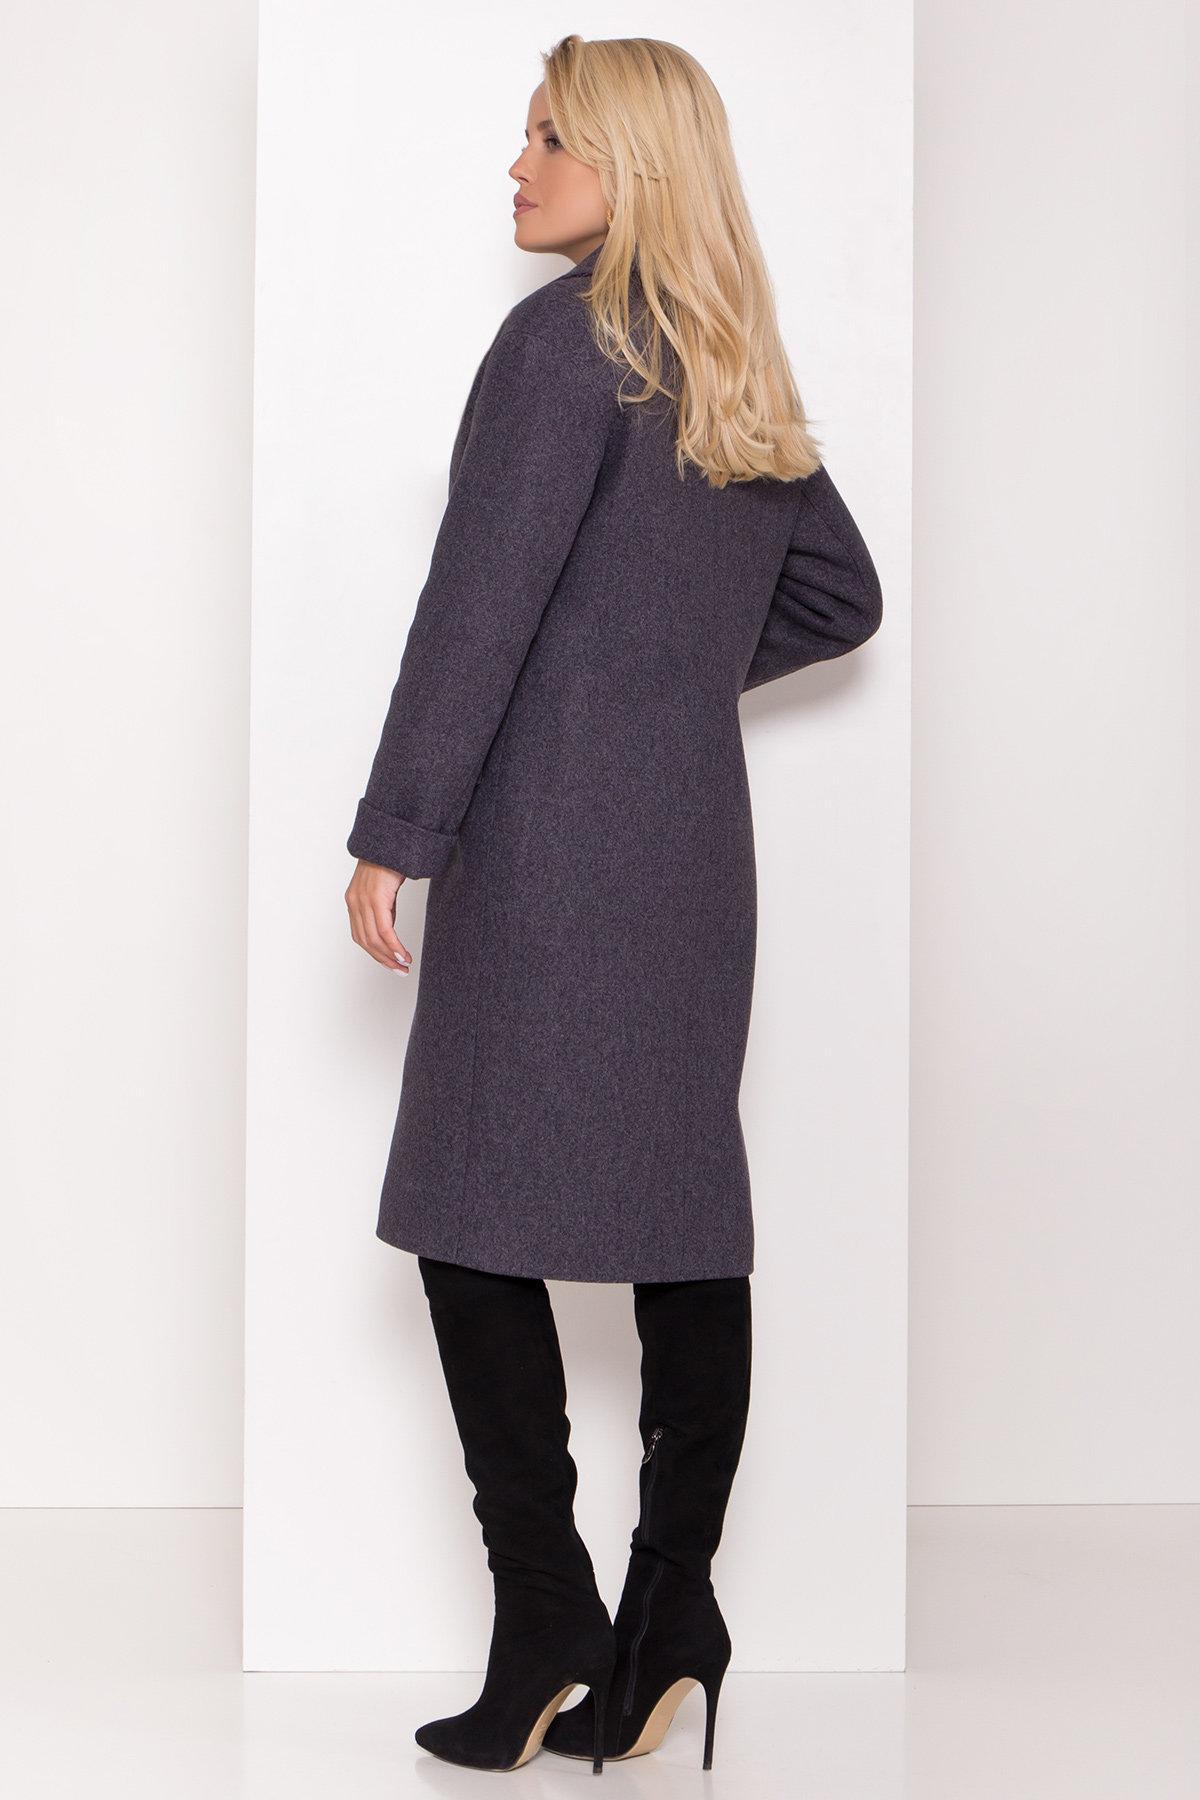 Зимнее пальто с отложным воротником Моле 8085 АРТ. 44036 Цвет: Т.синий 543 - фото 6, интернет магазин tm-modus.ru